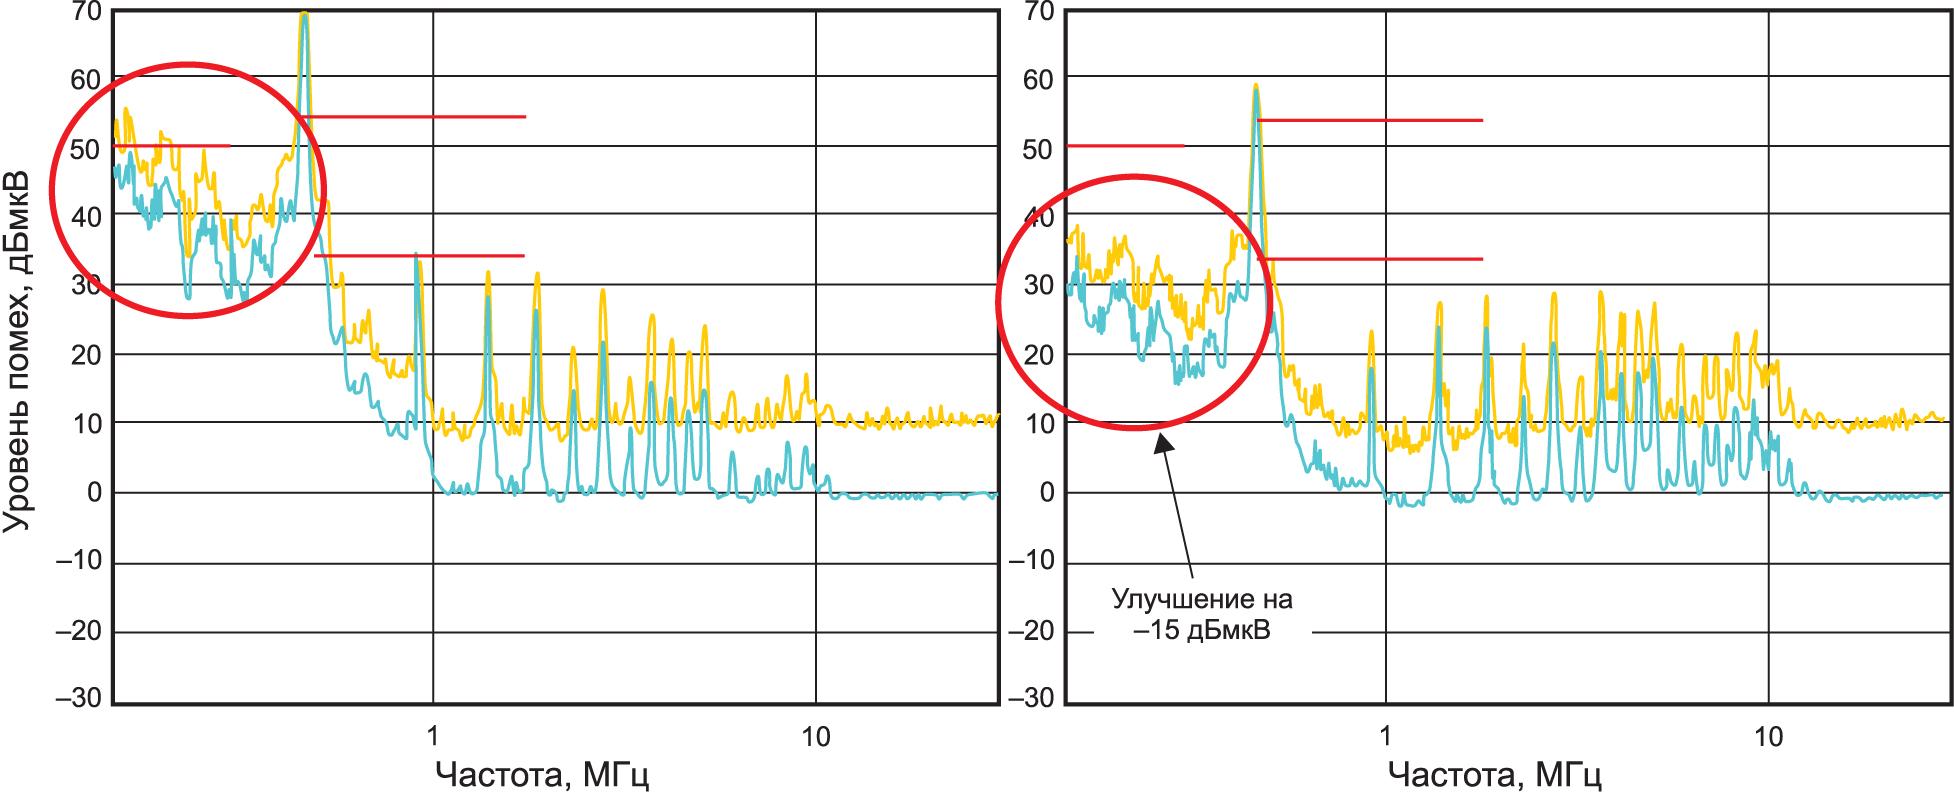 Влияние демпфирующей цепочки на характеристики ЭМП-фильтра